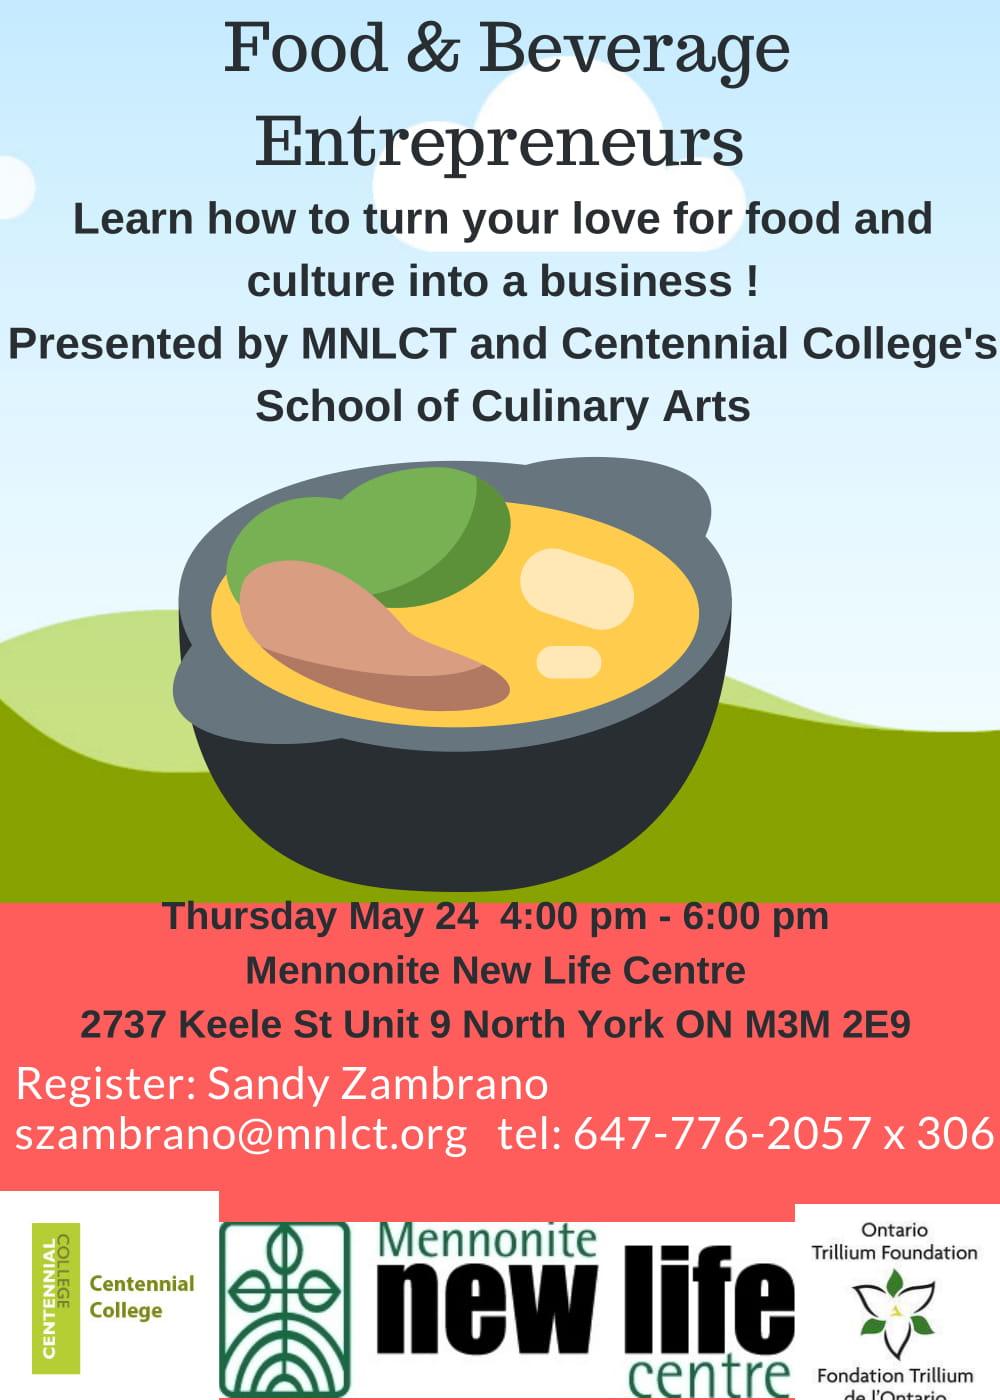 Food & Beverage Entrepreneurs Workshop